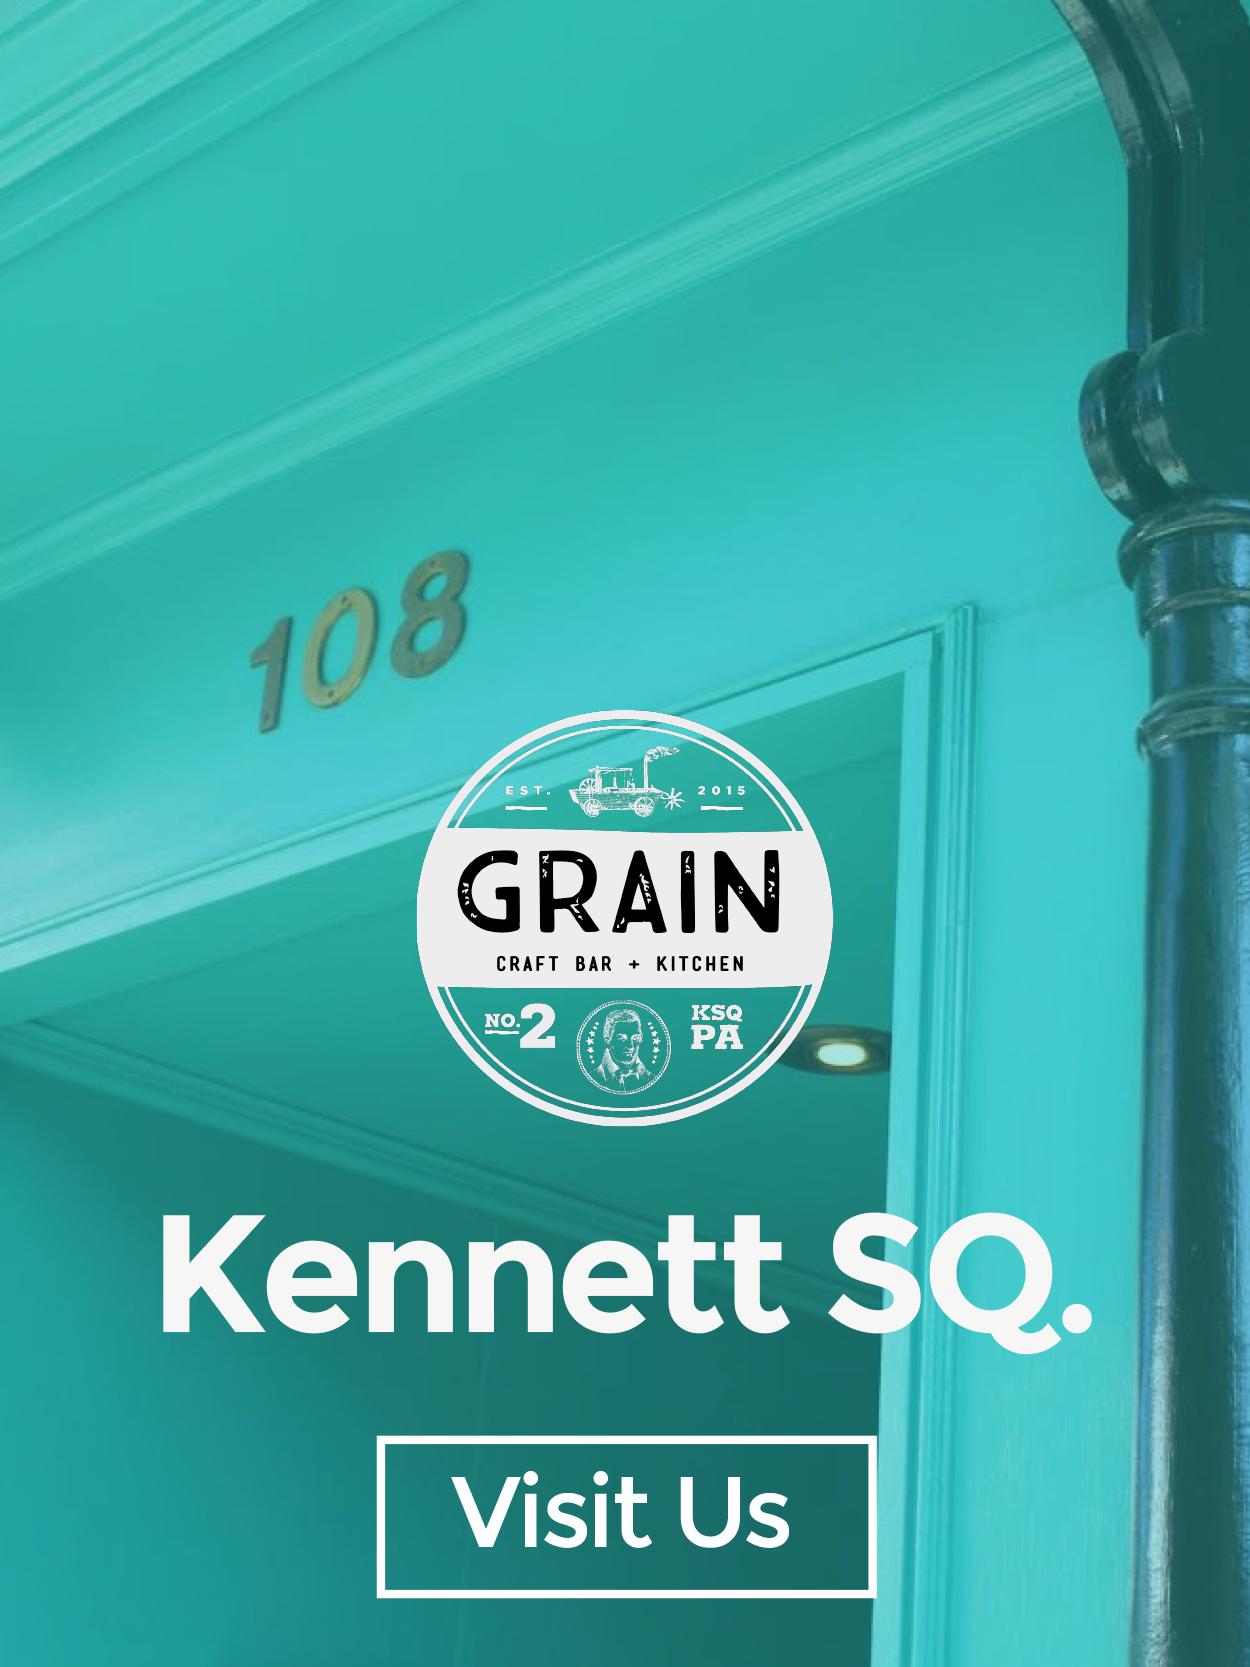 Grain Kennett Square PA